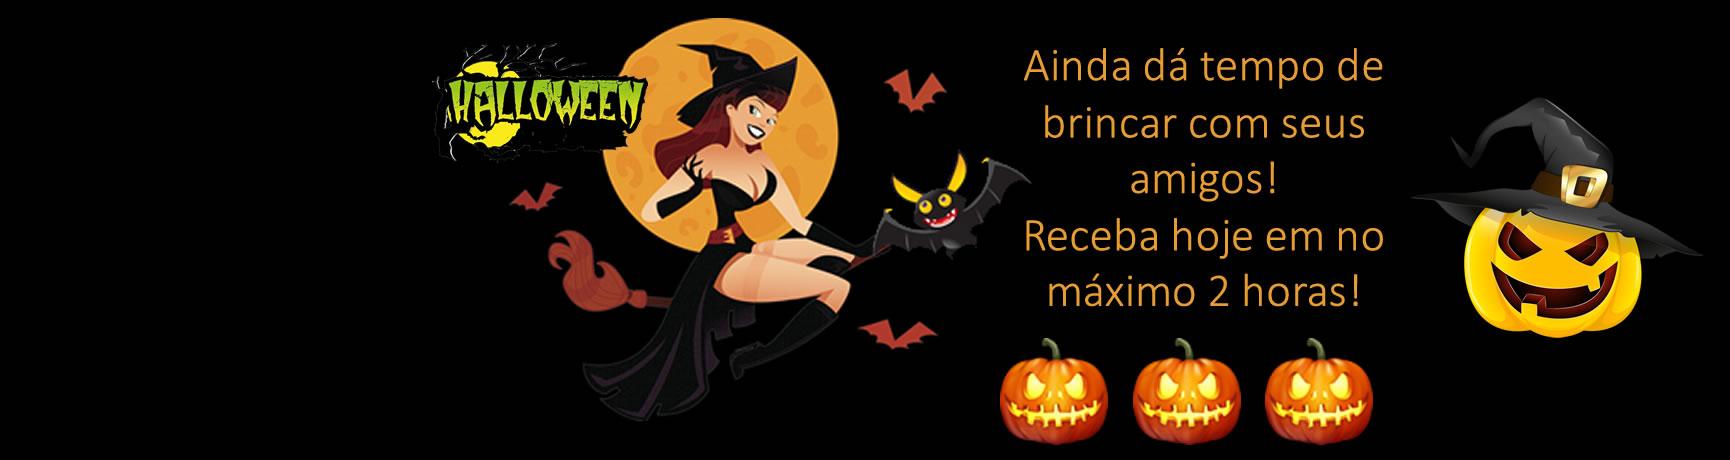 30/10 - Halloween Dia das Bruxas